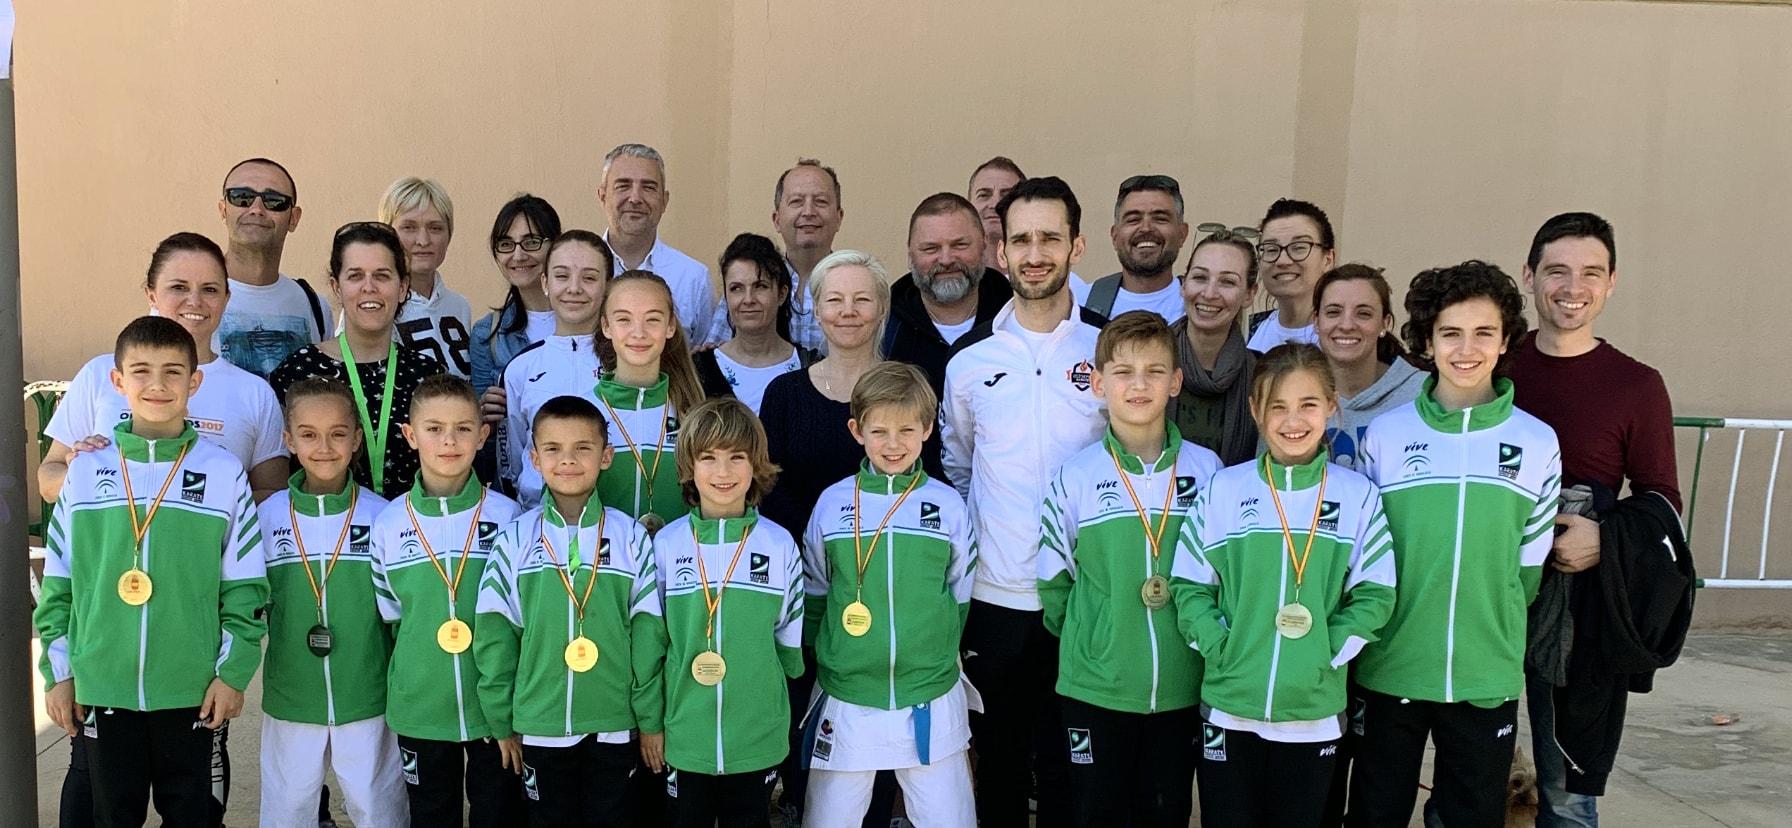 El Olympic Marbella triunfa en el Campeonato de España con nueve medallas